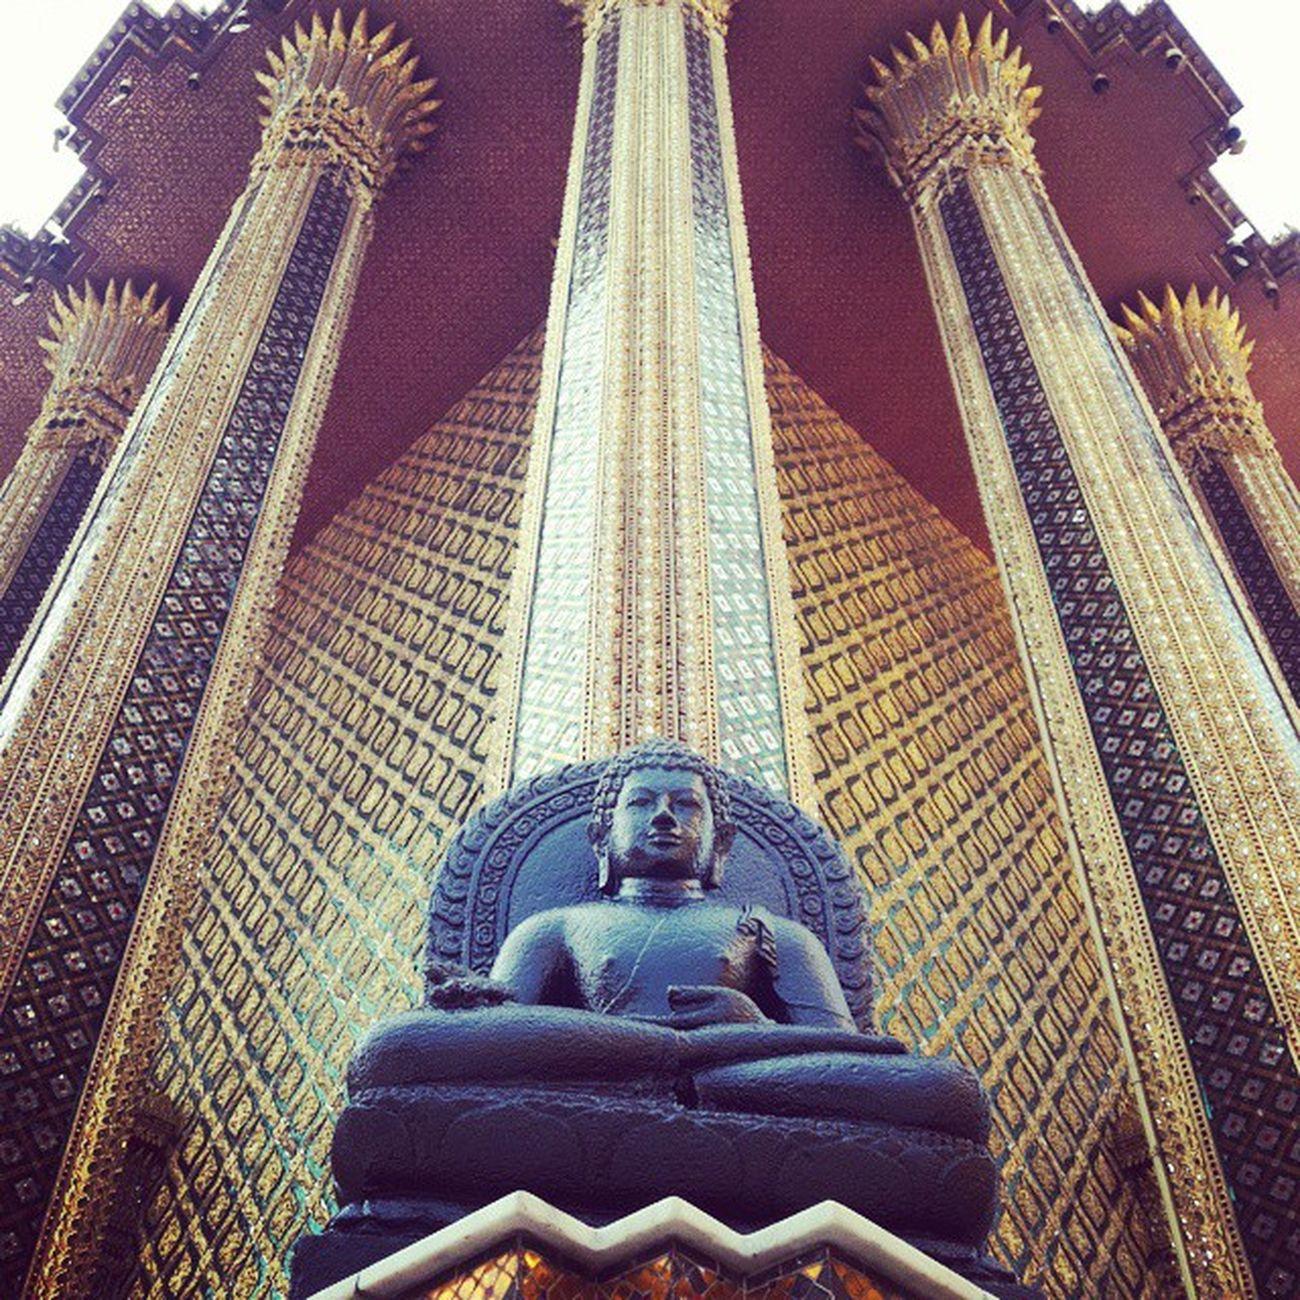 BKK Grandpalace Buddha Thai Bangkok